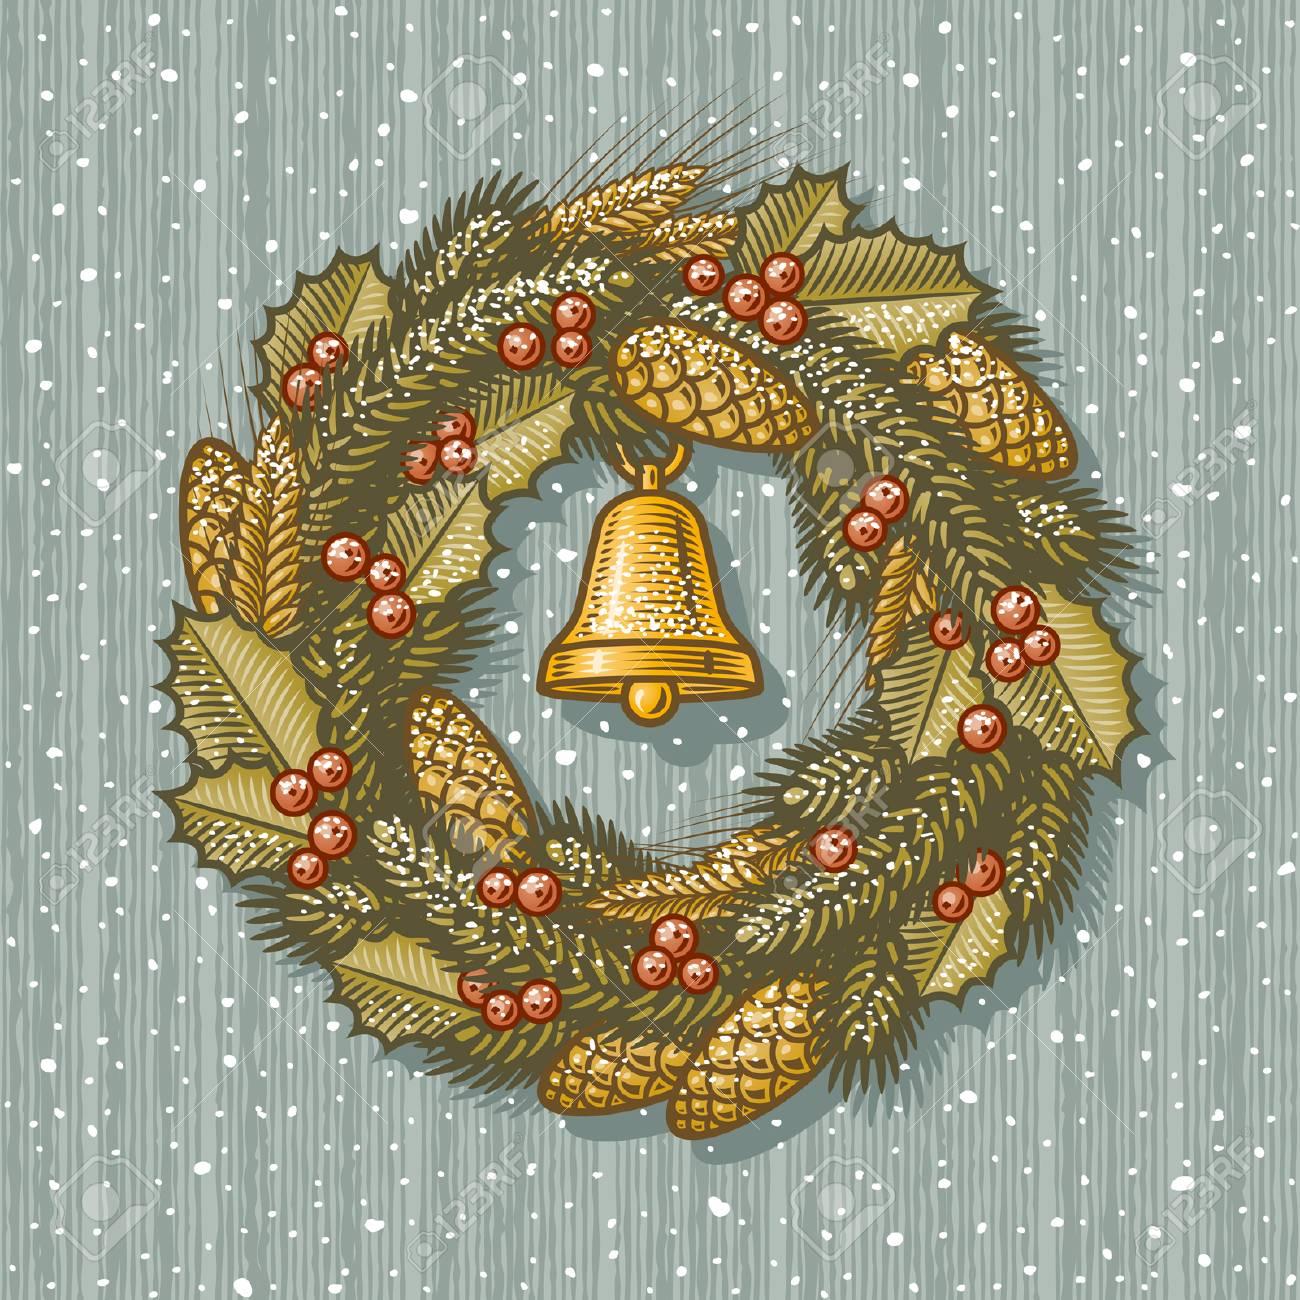 Retro Christmas wreath Stock Vector - 5779968